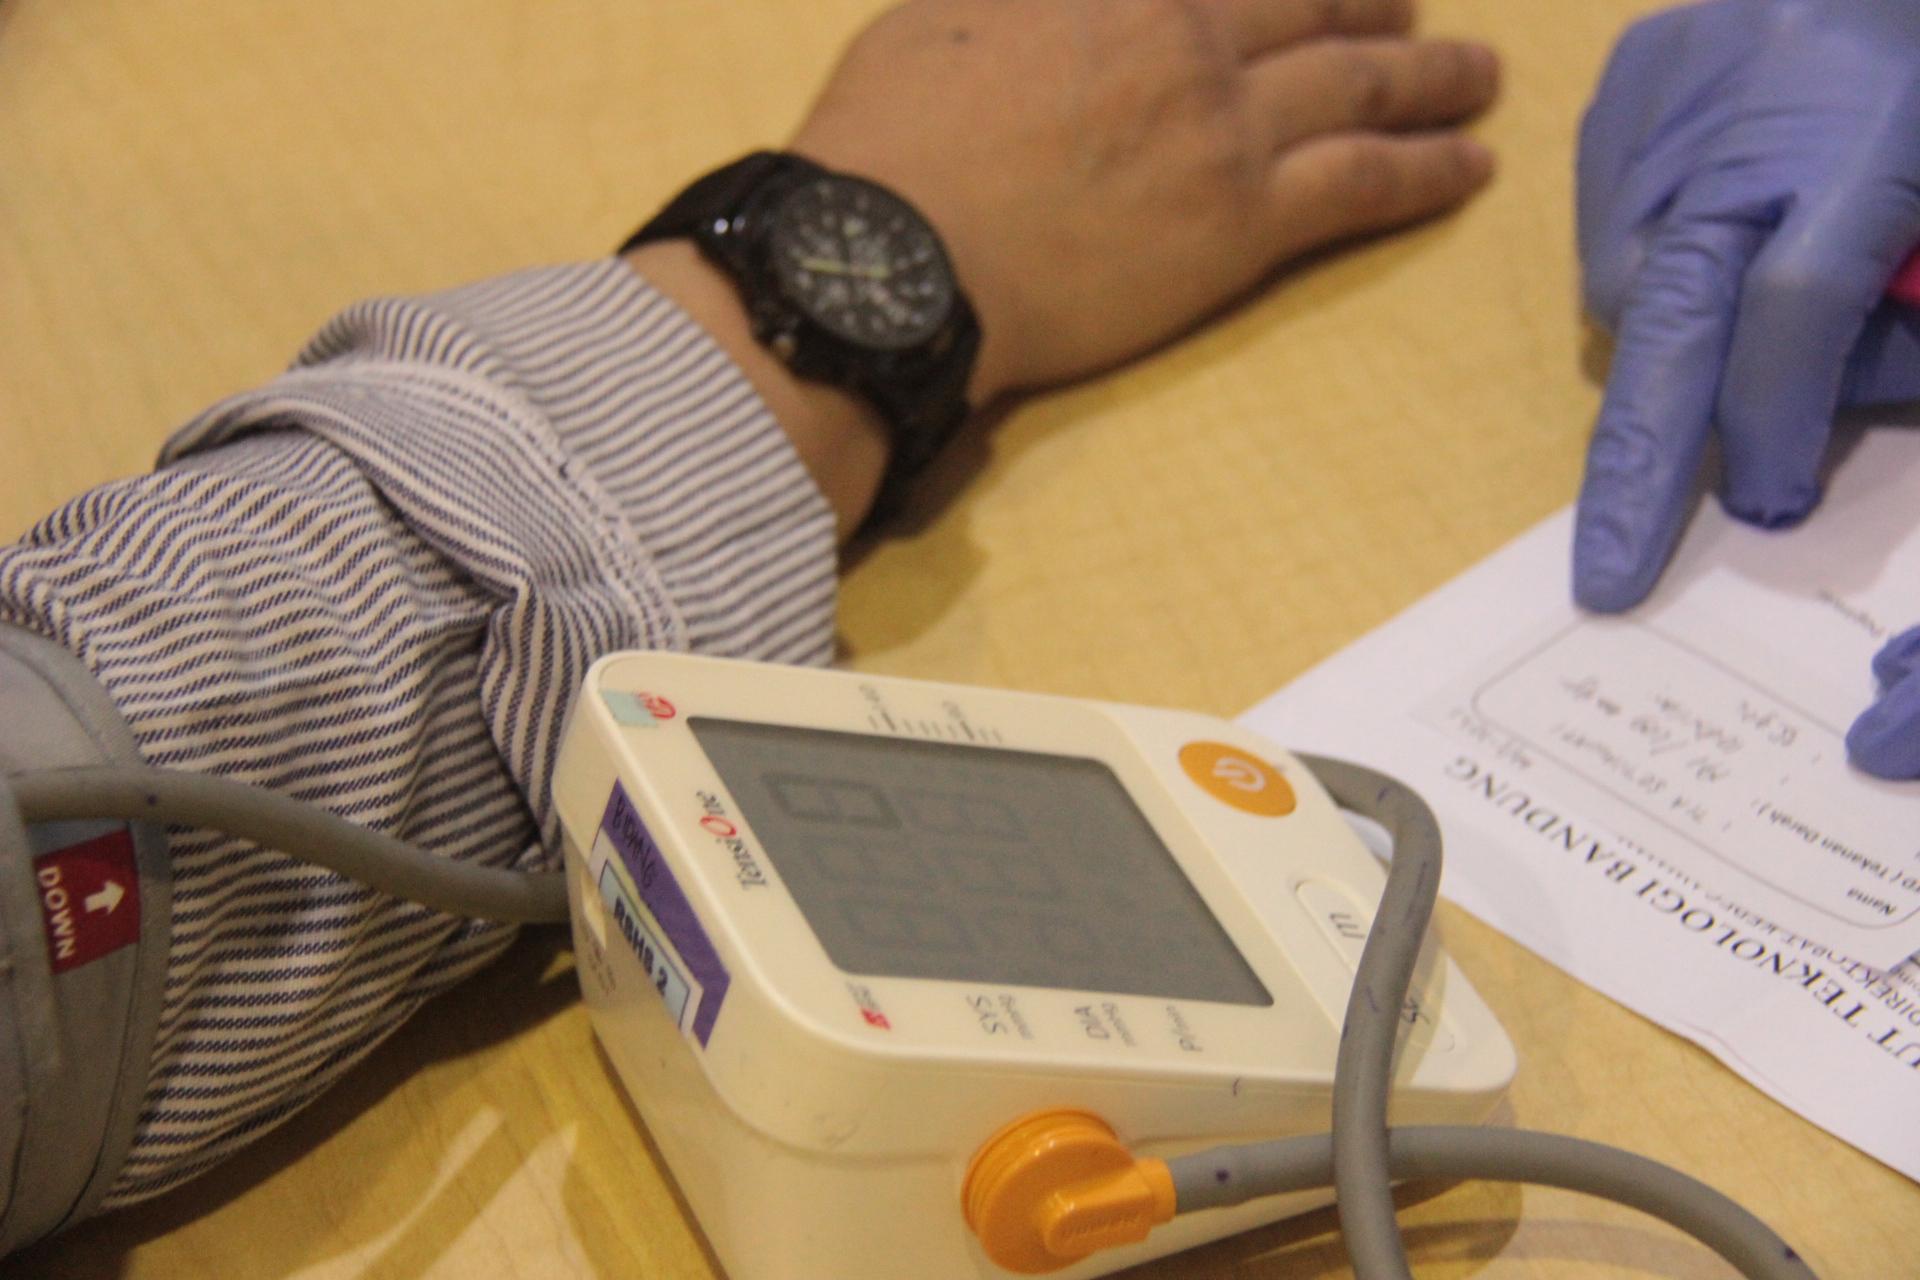 (Indonesia) Tenaga Kependidikan (Tendik) Kampus ITB Jatinangor Ikuti Program Vaksinasi COVID-19 di Sabuga